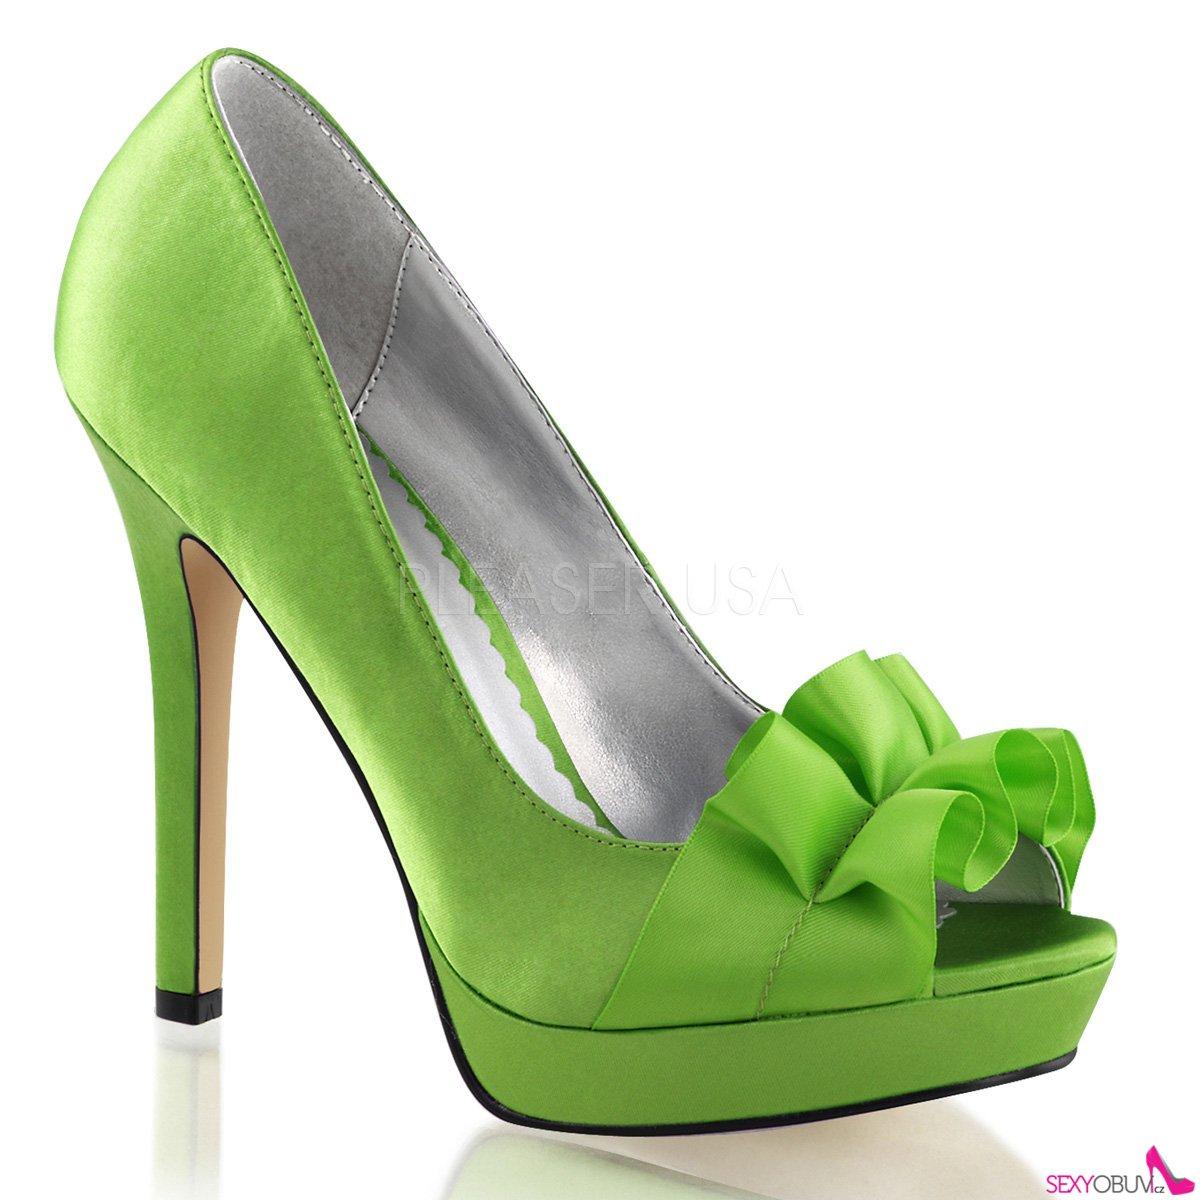 LUMINA-42 Elegantní zelené luxusní dámské lodičky na podpatku ... 24a6ba01d8